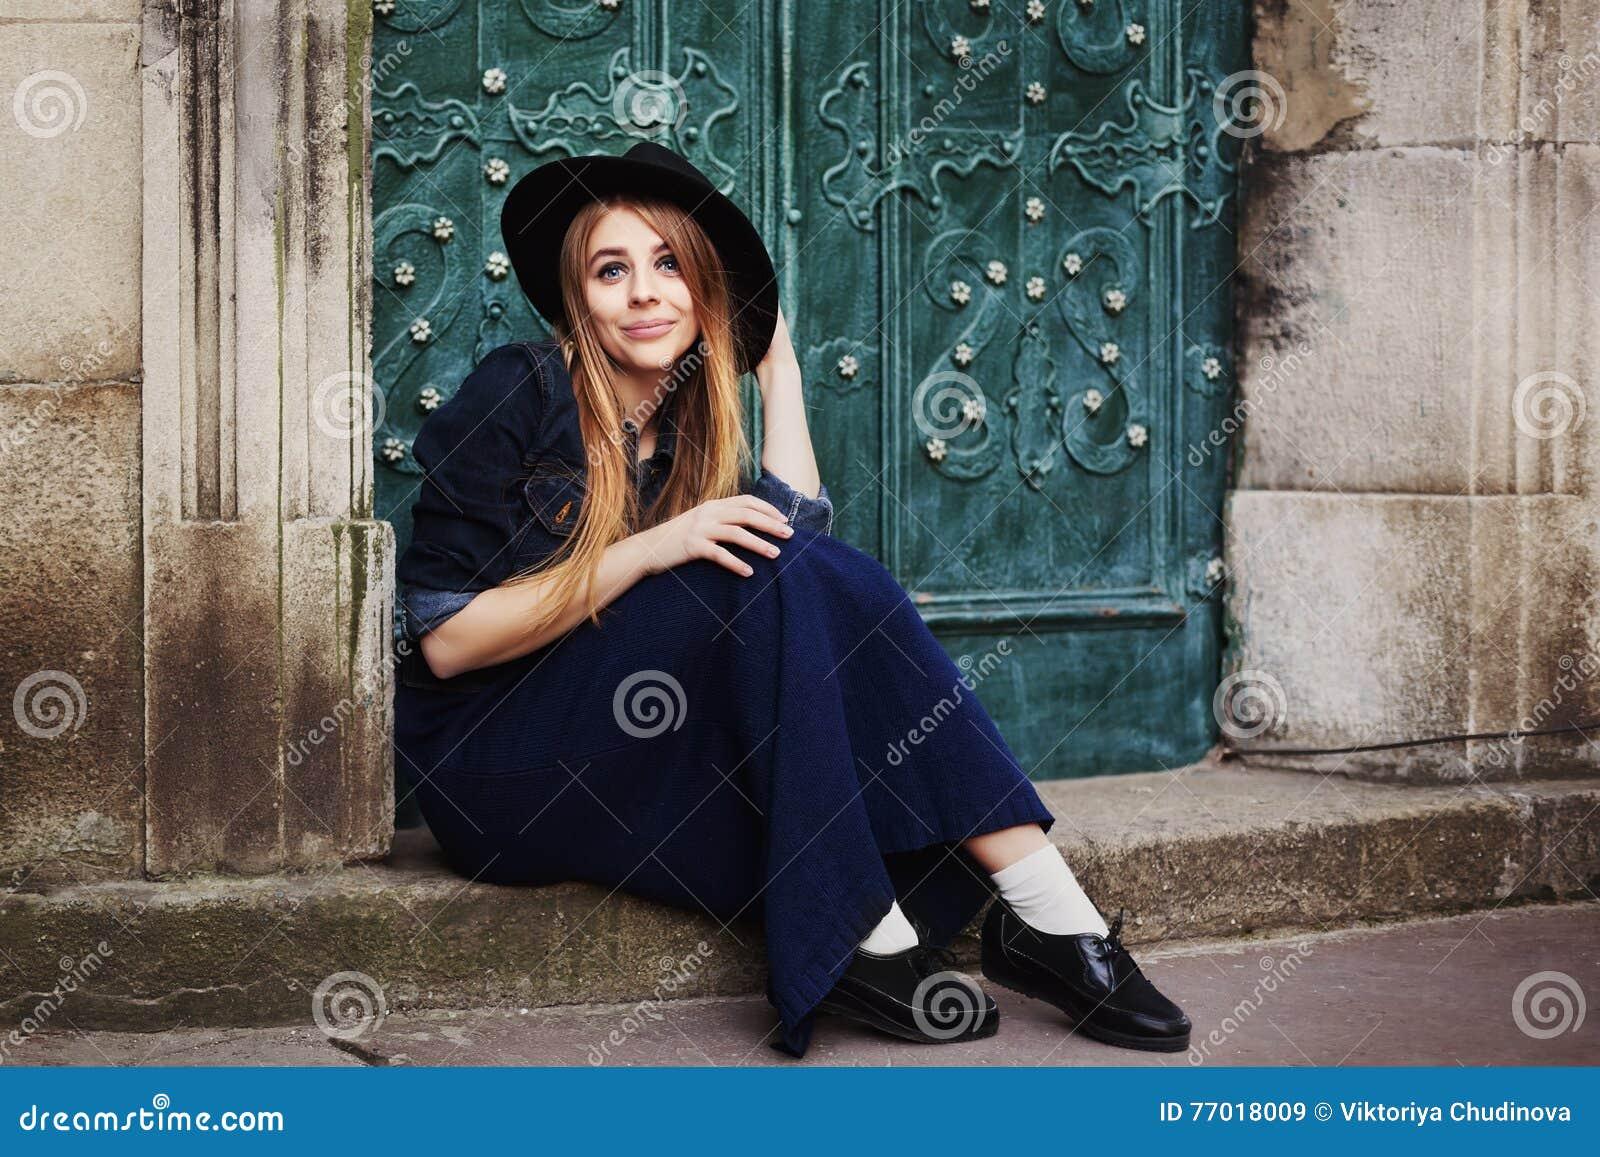 Portait completo del cuerpo de la calle de la mujer joven sonriente stilylish que se sienta cerca de la puerta Looking modelo en